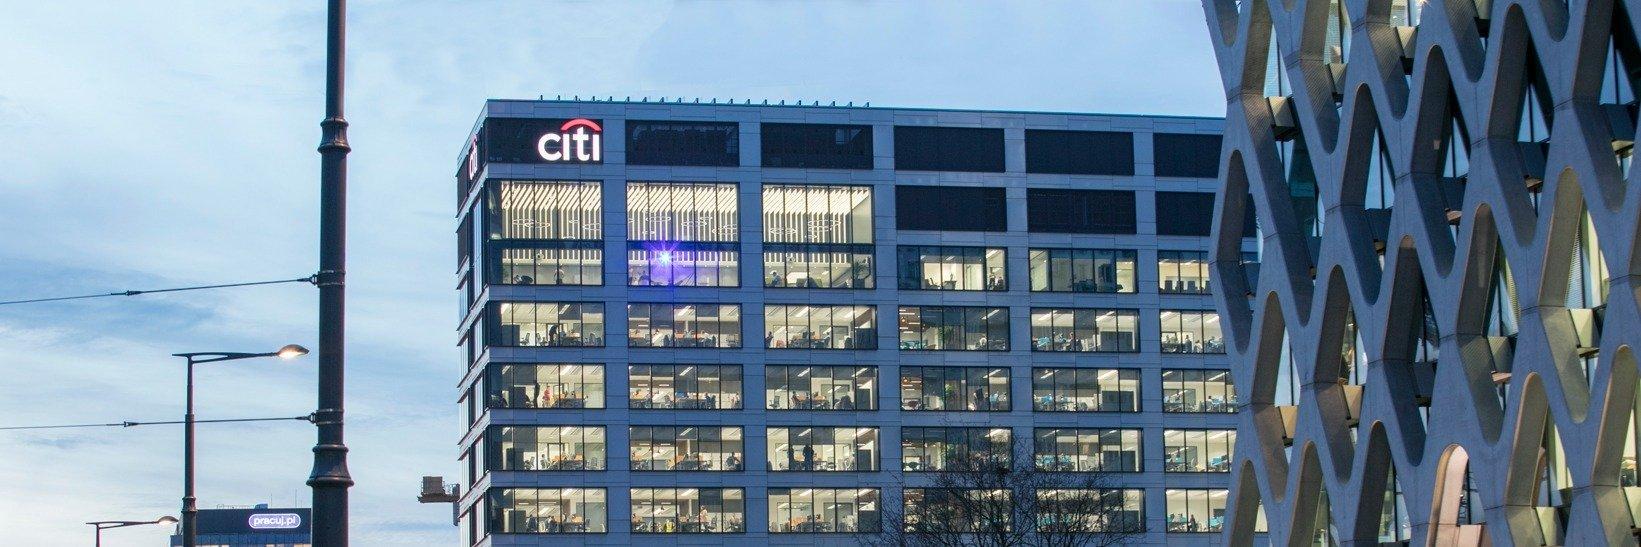 Grupa Citi rozwija się w Warszawie, zostaje najemcą powierzchni biurowej w Browarach Warszawskich